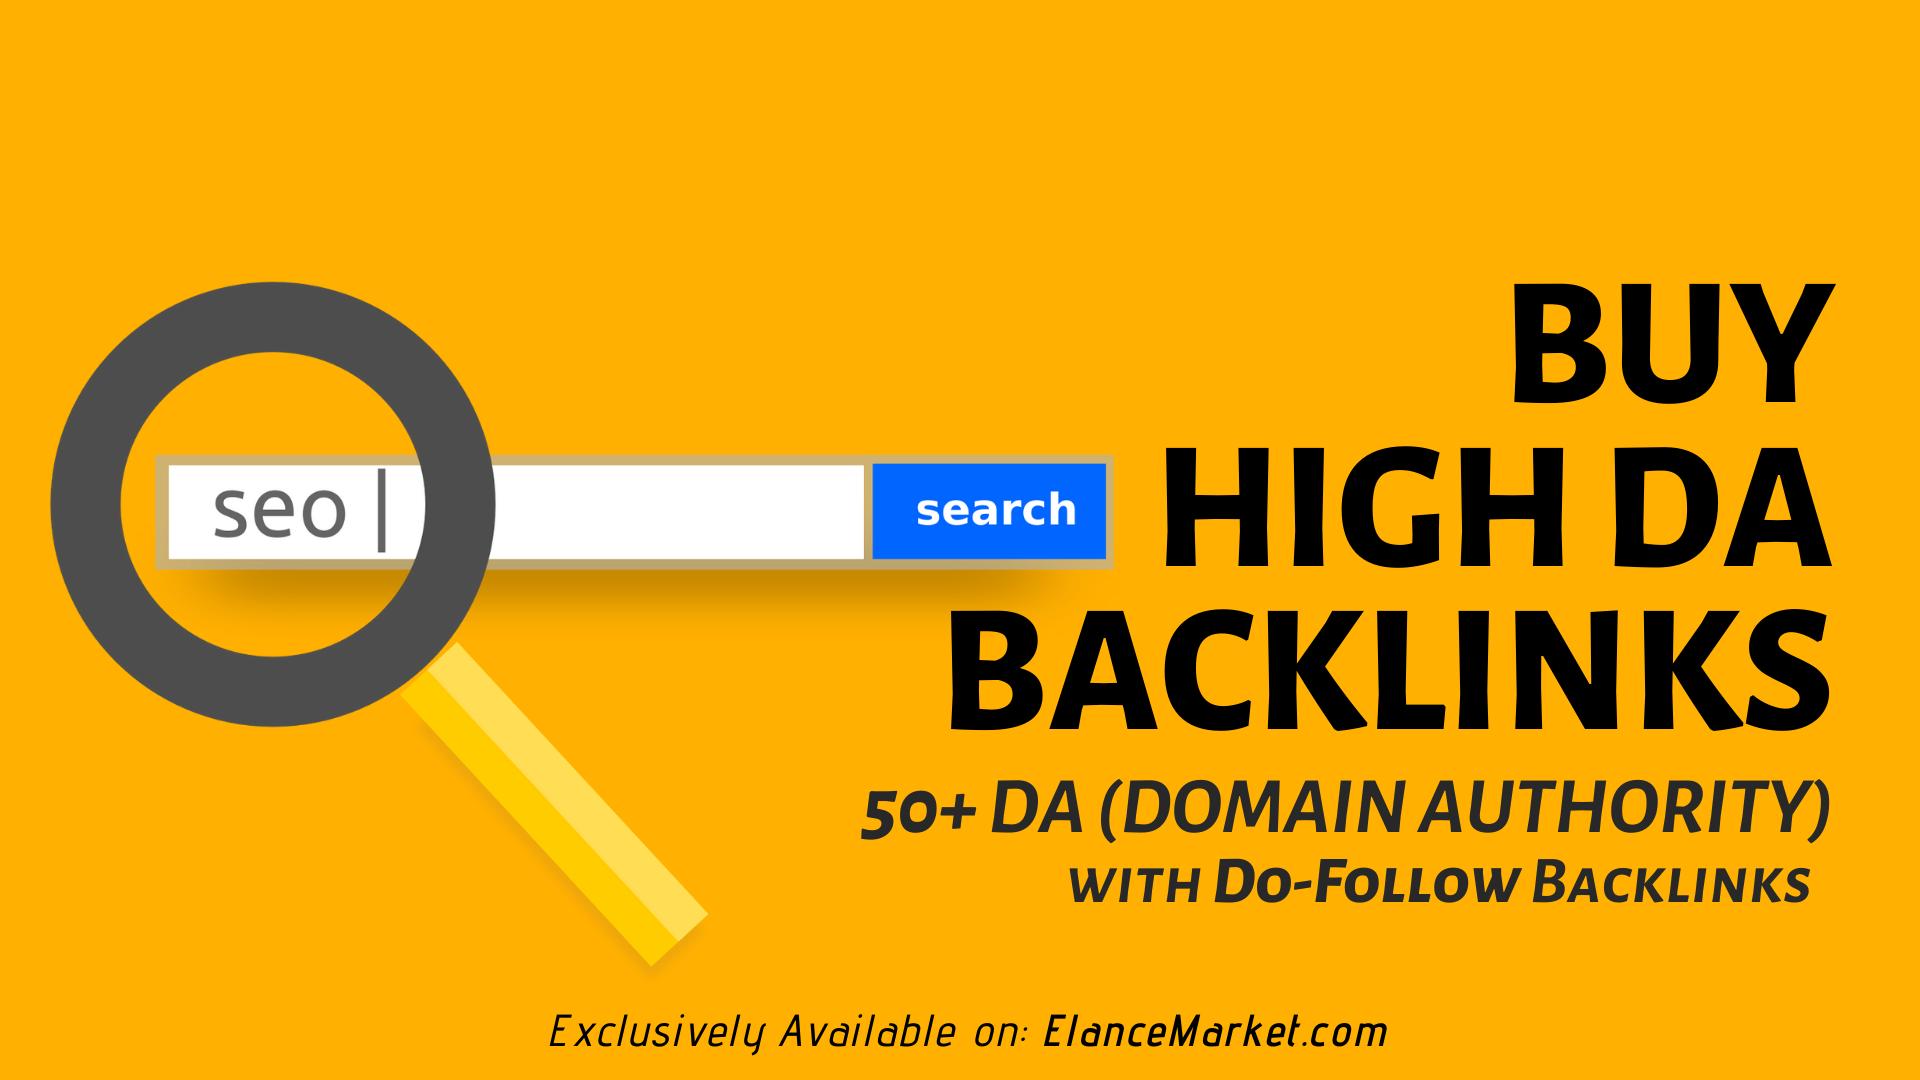 Buy High DA Backlinks | 50+ DA (Domain Authority) | Do-Follow Backlinks